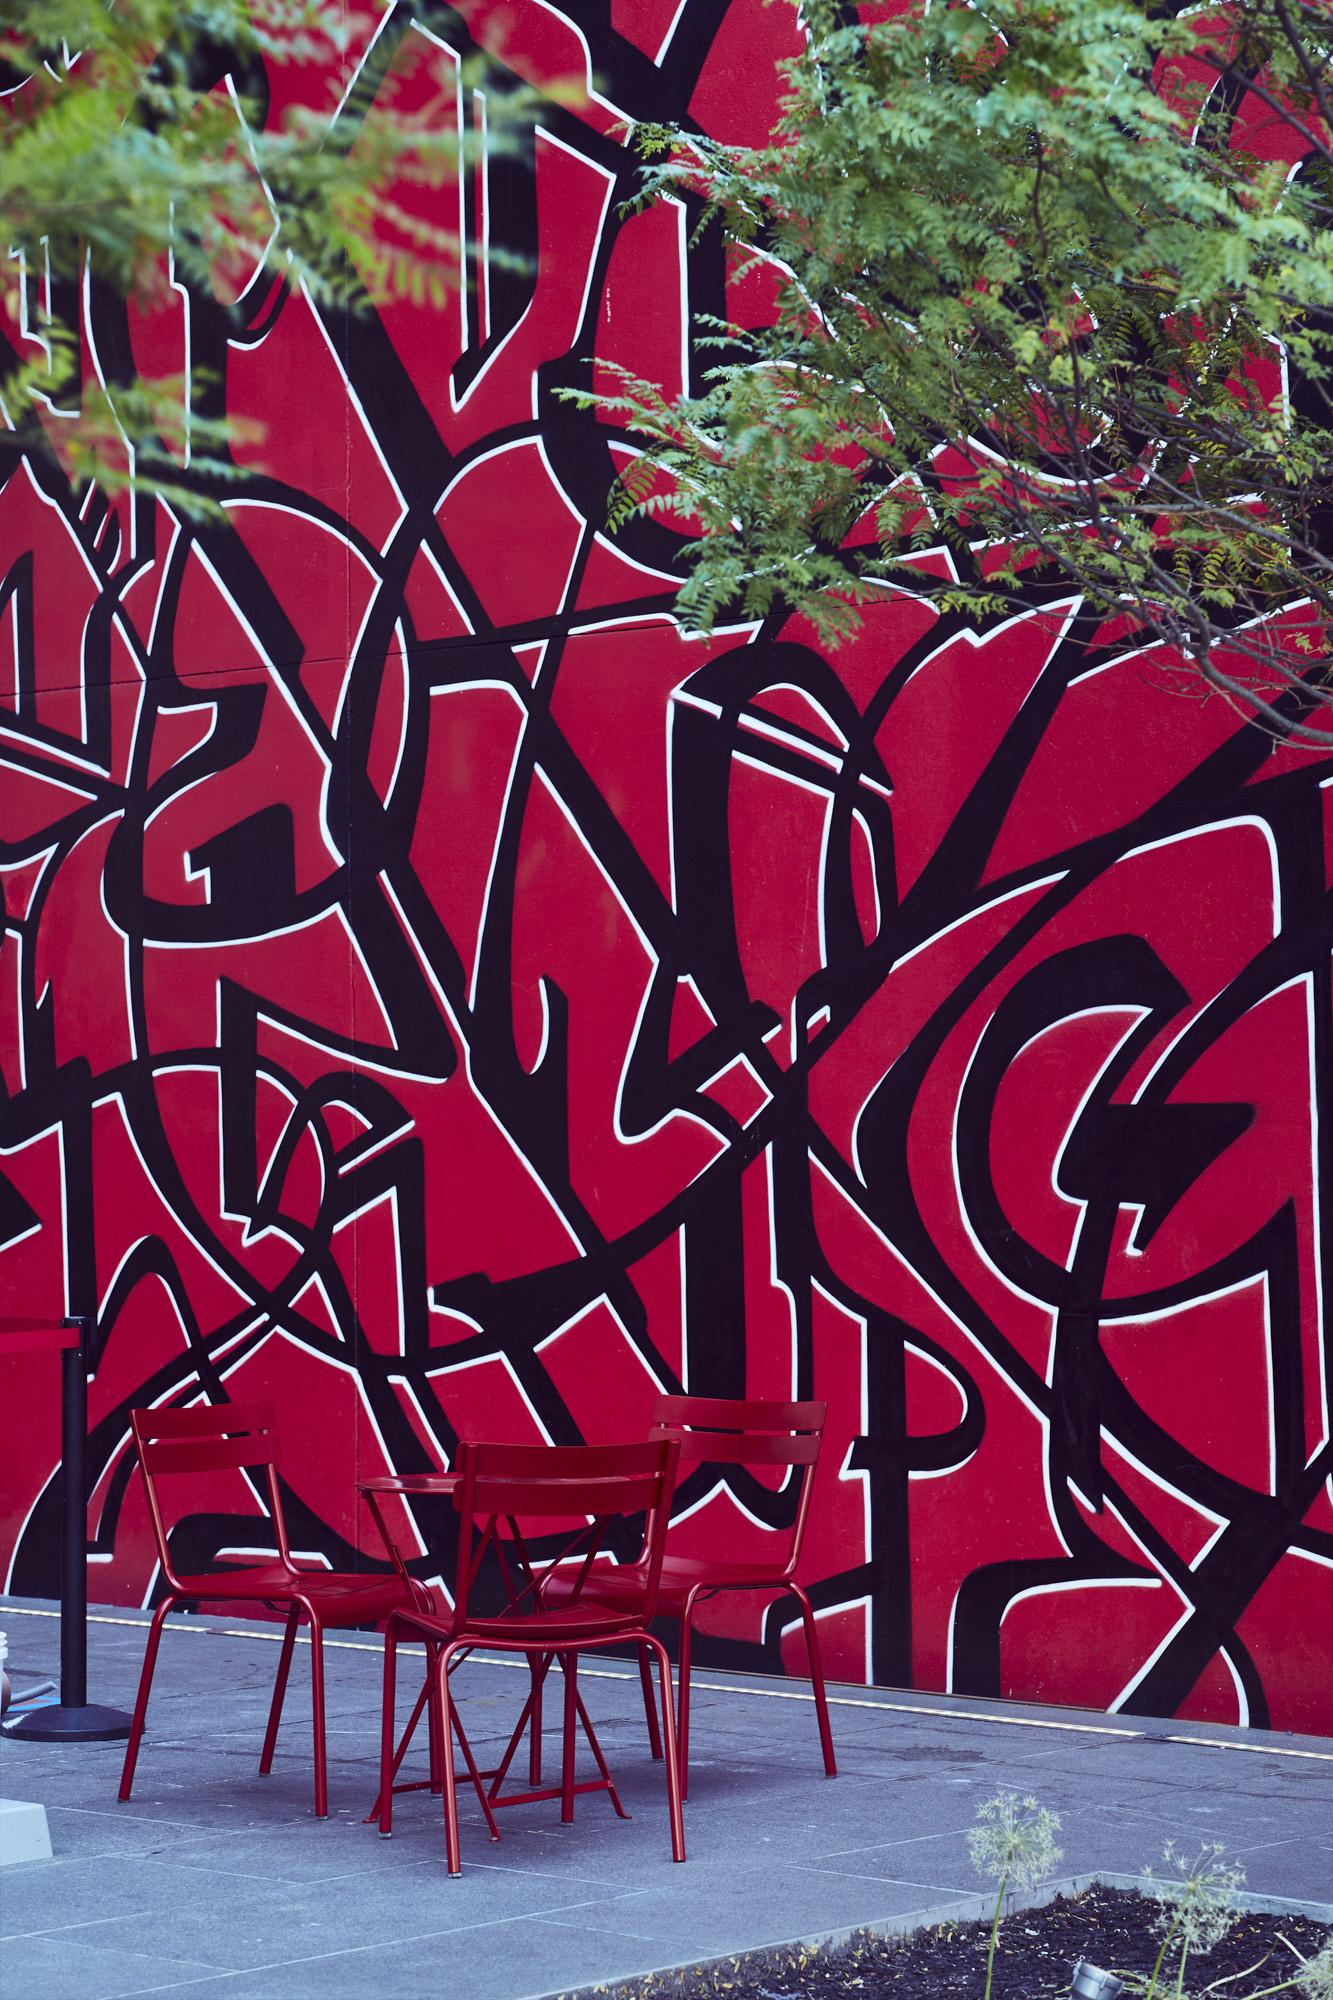 kyrani-kanavaros-new-york-photography-20.jpg